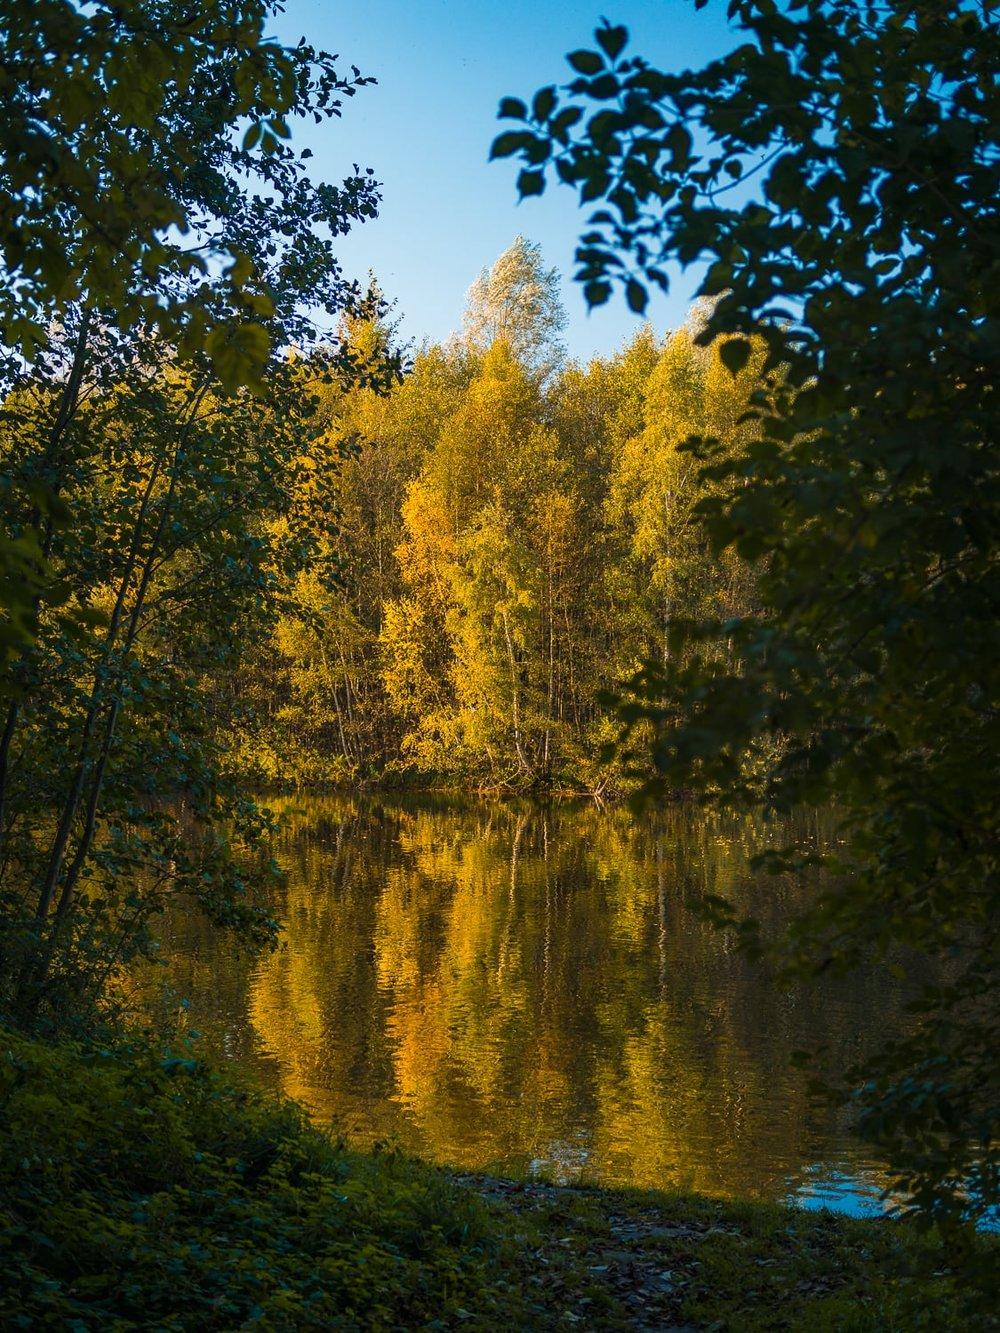 Herbstgold - Autumn Trees Leaves Bäume Blätter Herbst Gold Licht - 1618.jpg